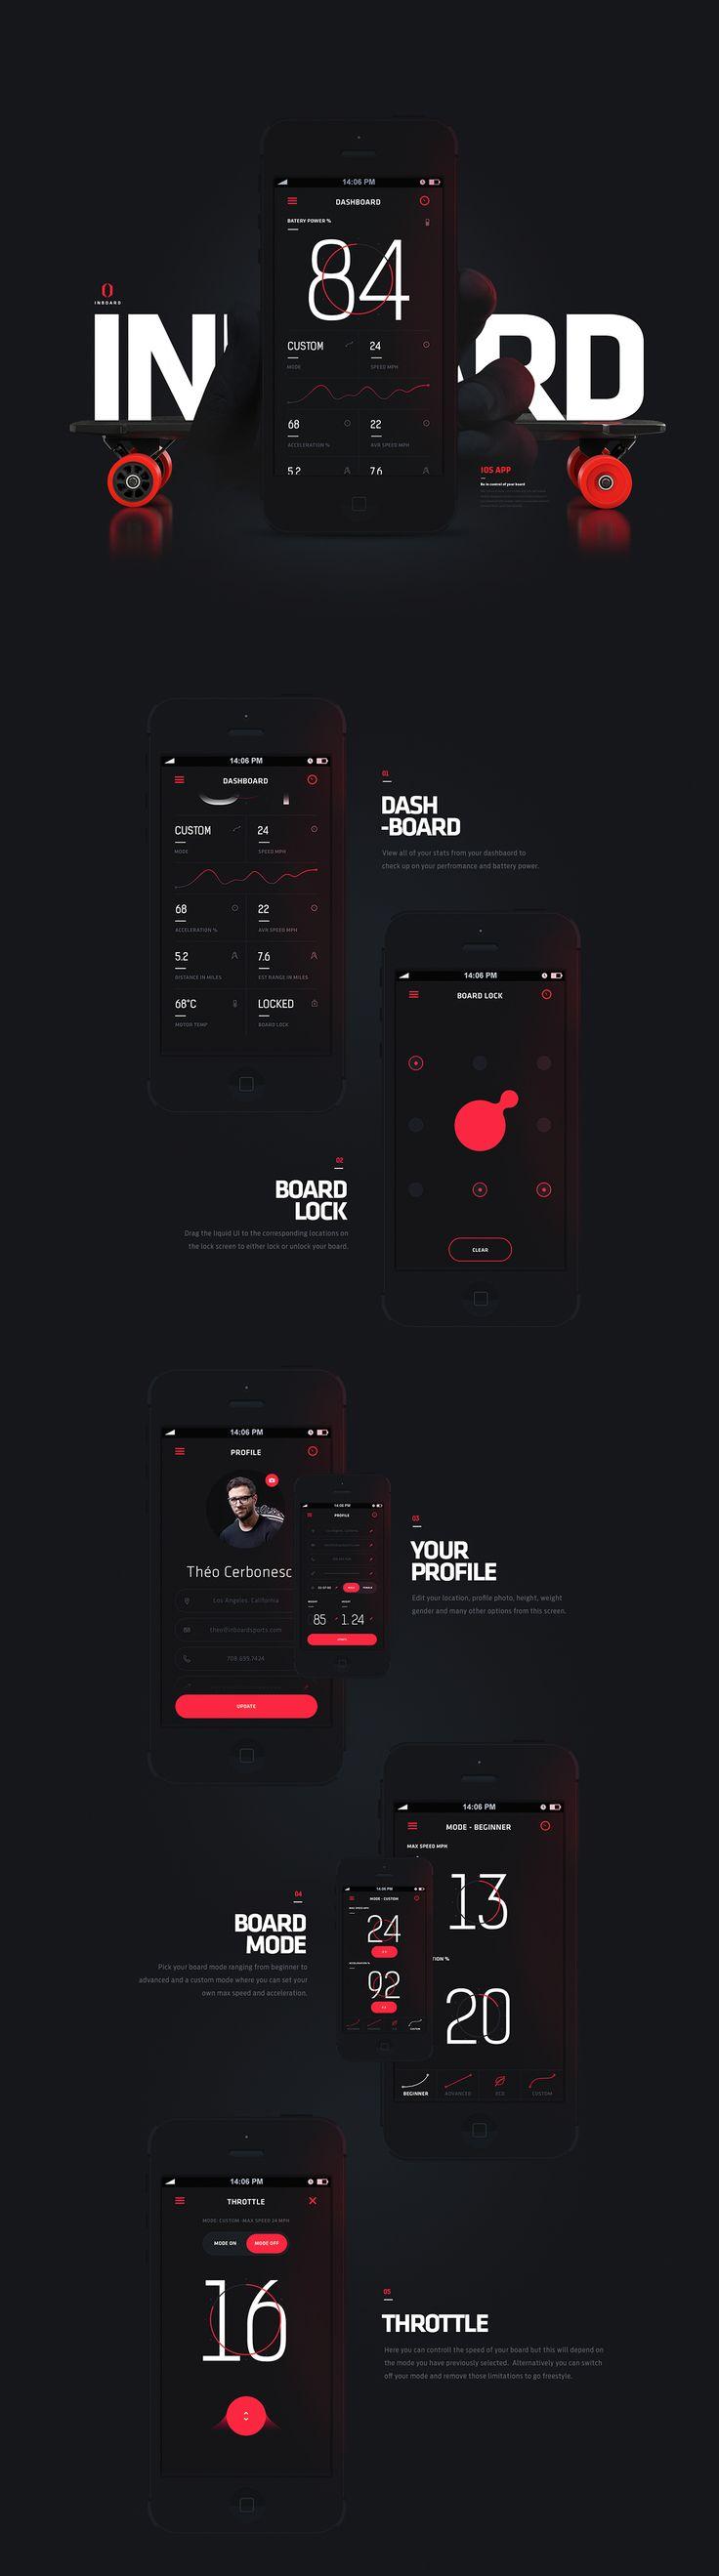 Inboard - Longboard App Controller on Behance